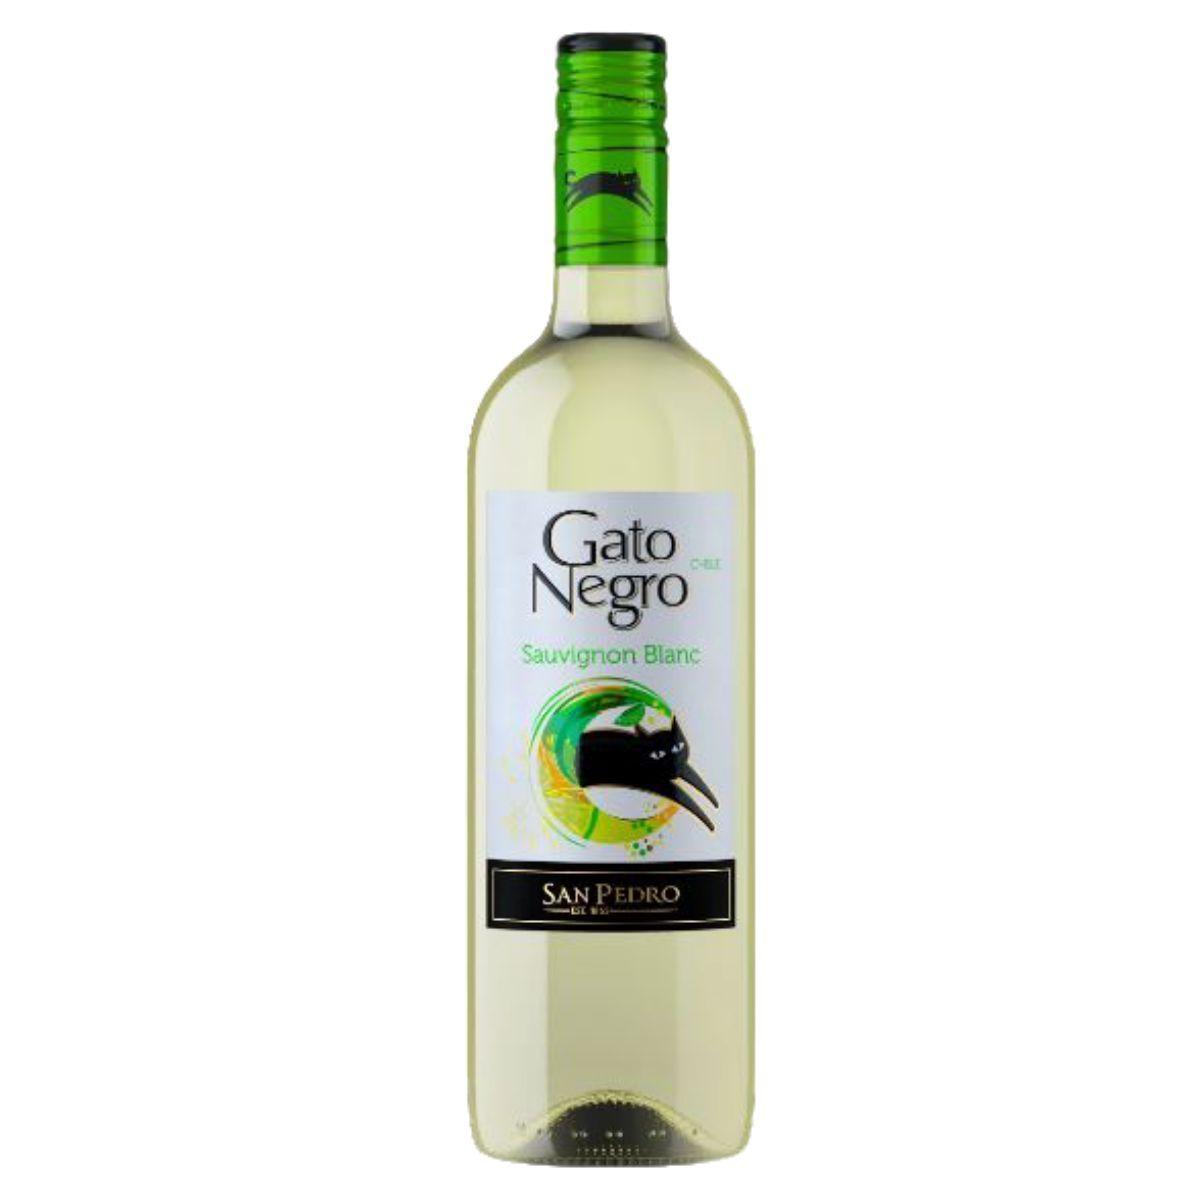 Vinho Gato Negro Sauvblanc Blanc 750ml